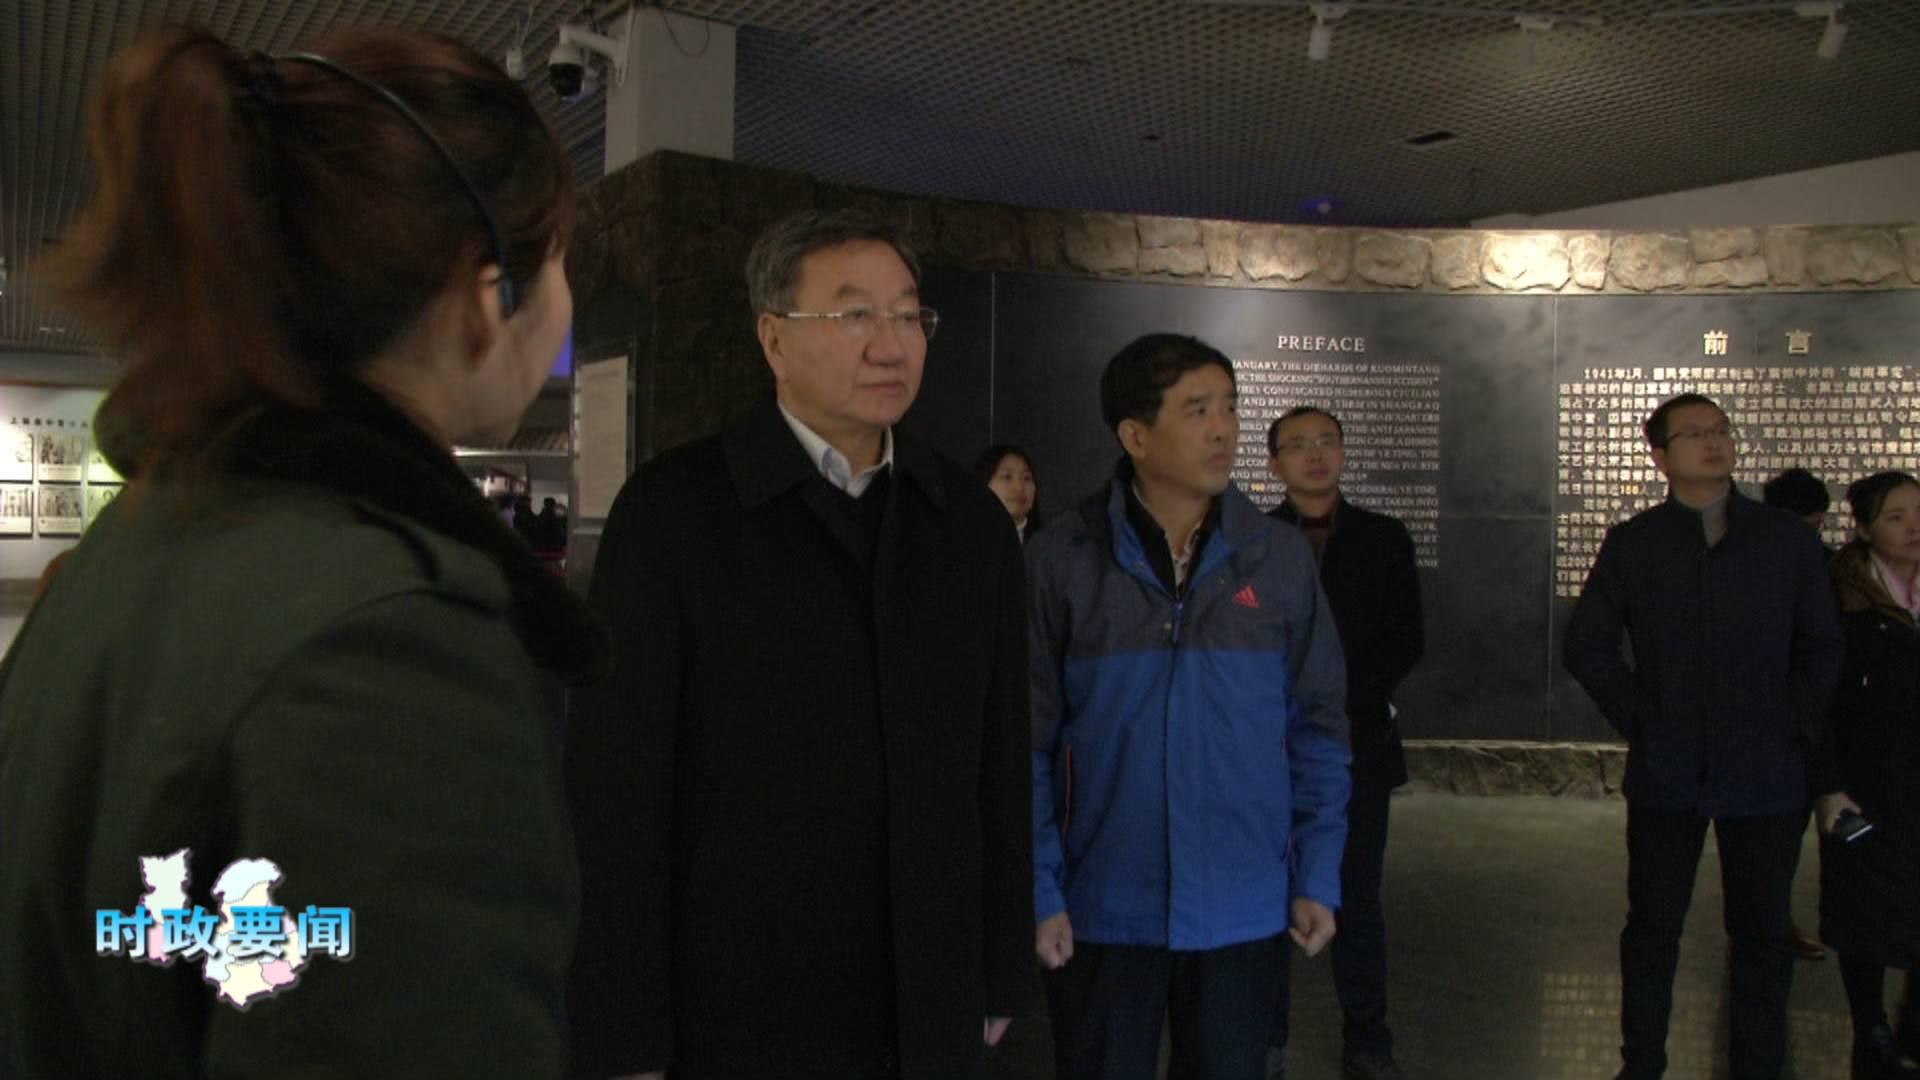 中国国际商会领导到上饶集中营名胜区缅怀革命先烈